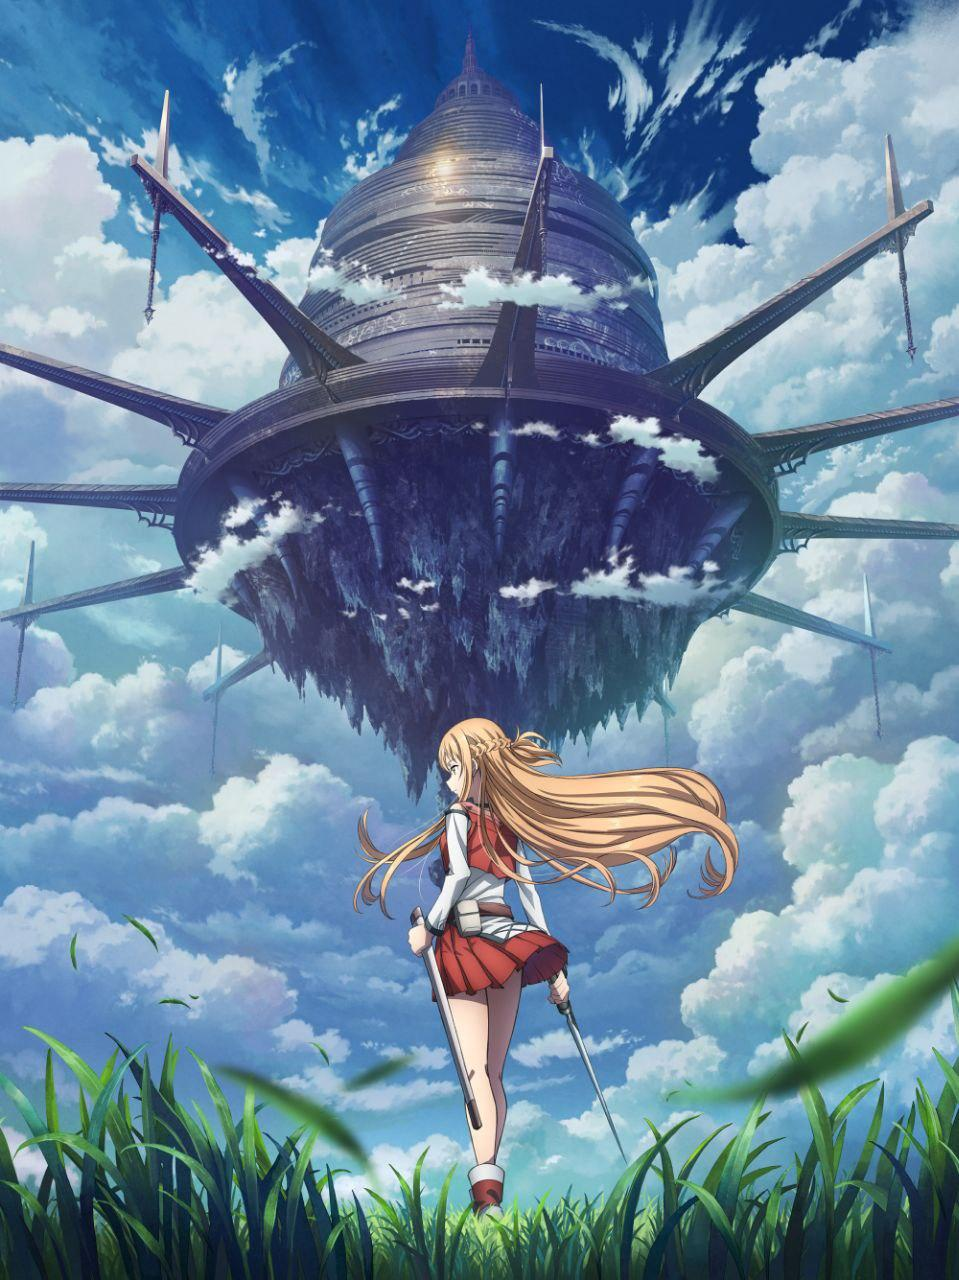 Nuovo adattamento anime per Sword Art Online!